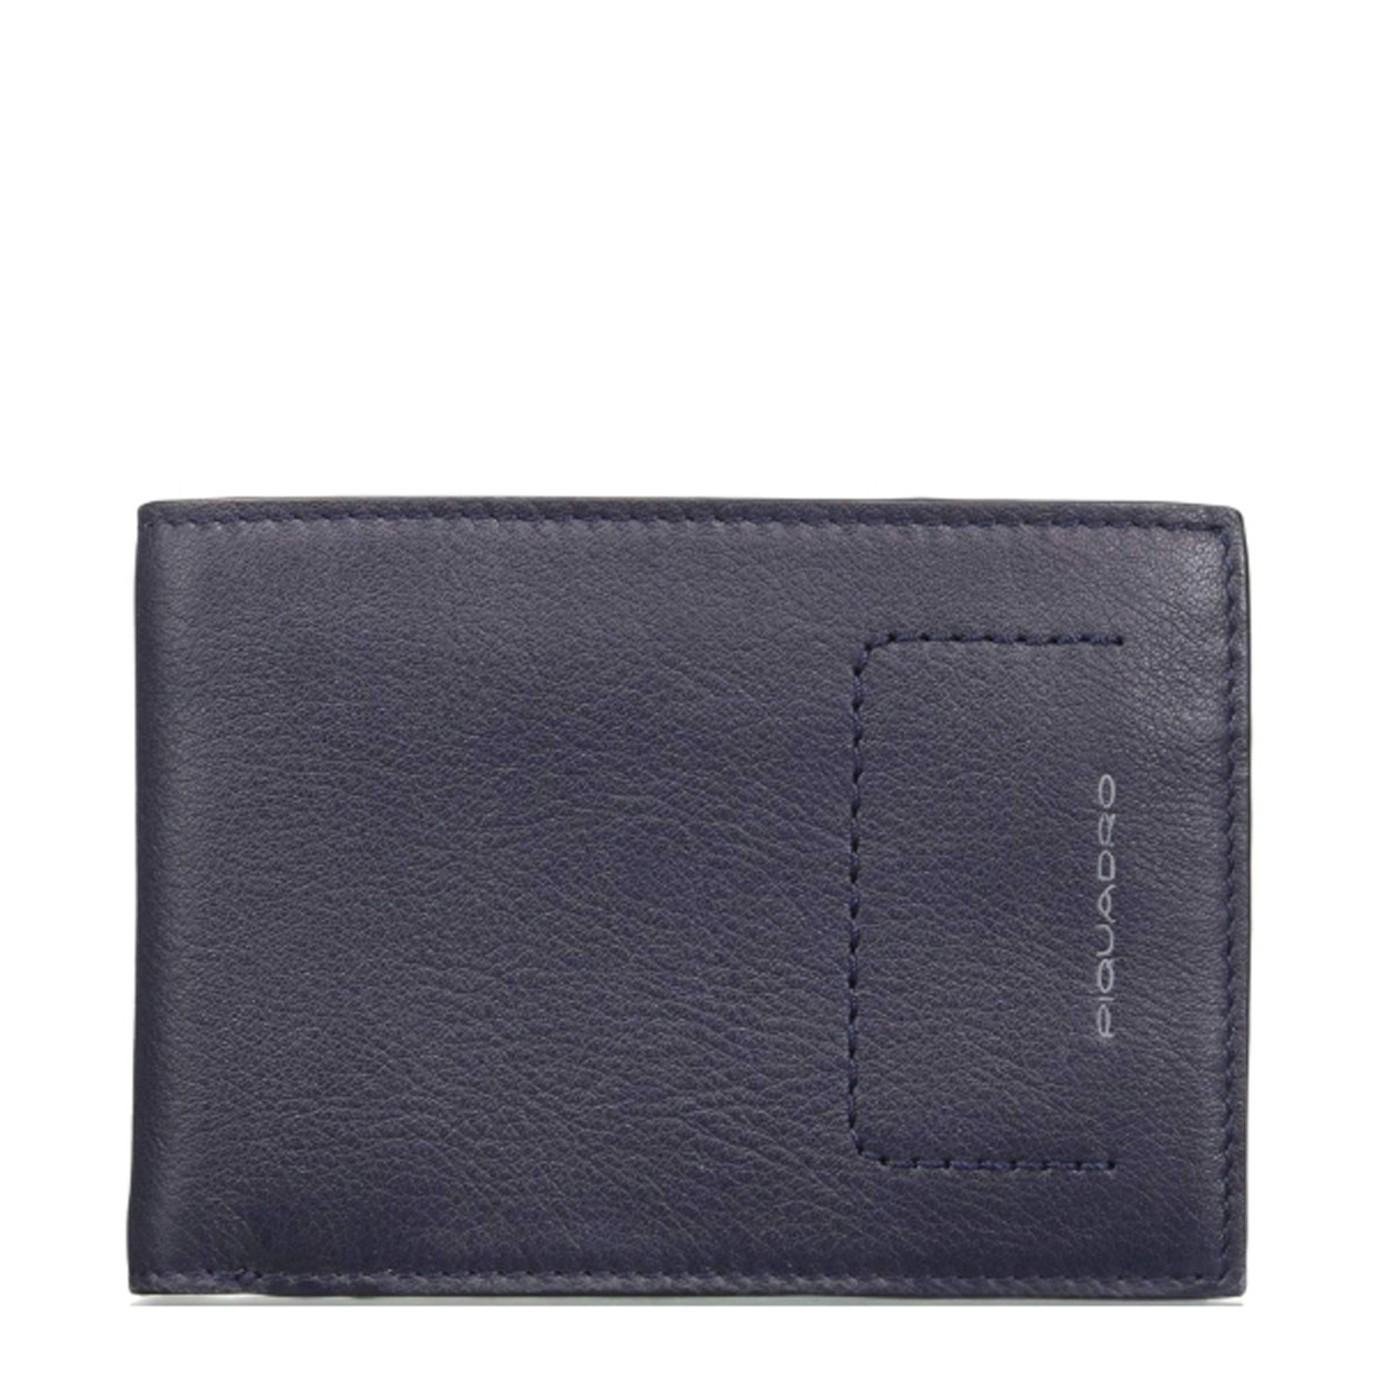 eb4e66873d PIQUADRO W86R Portafogli uomo con porta documenti carte e moneta in pelle  BLU